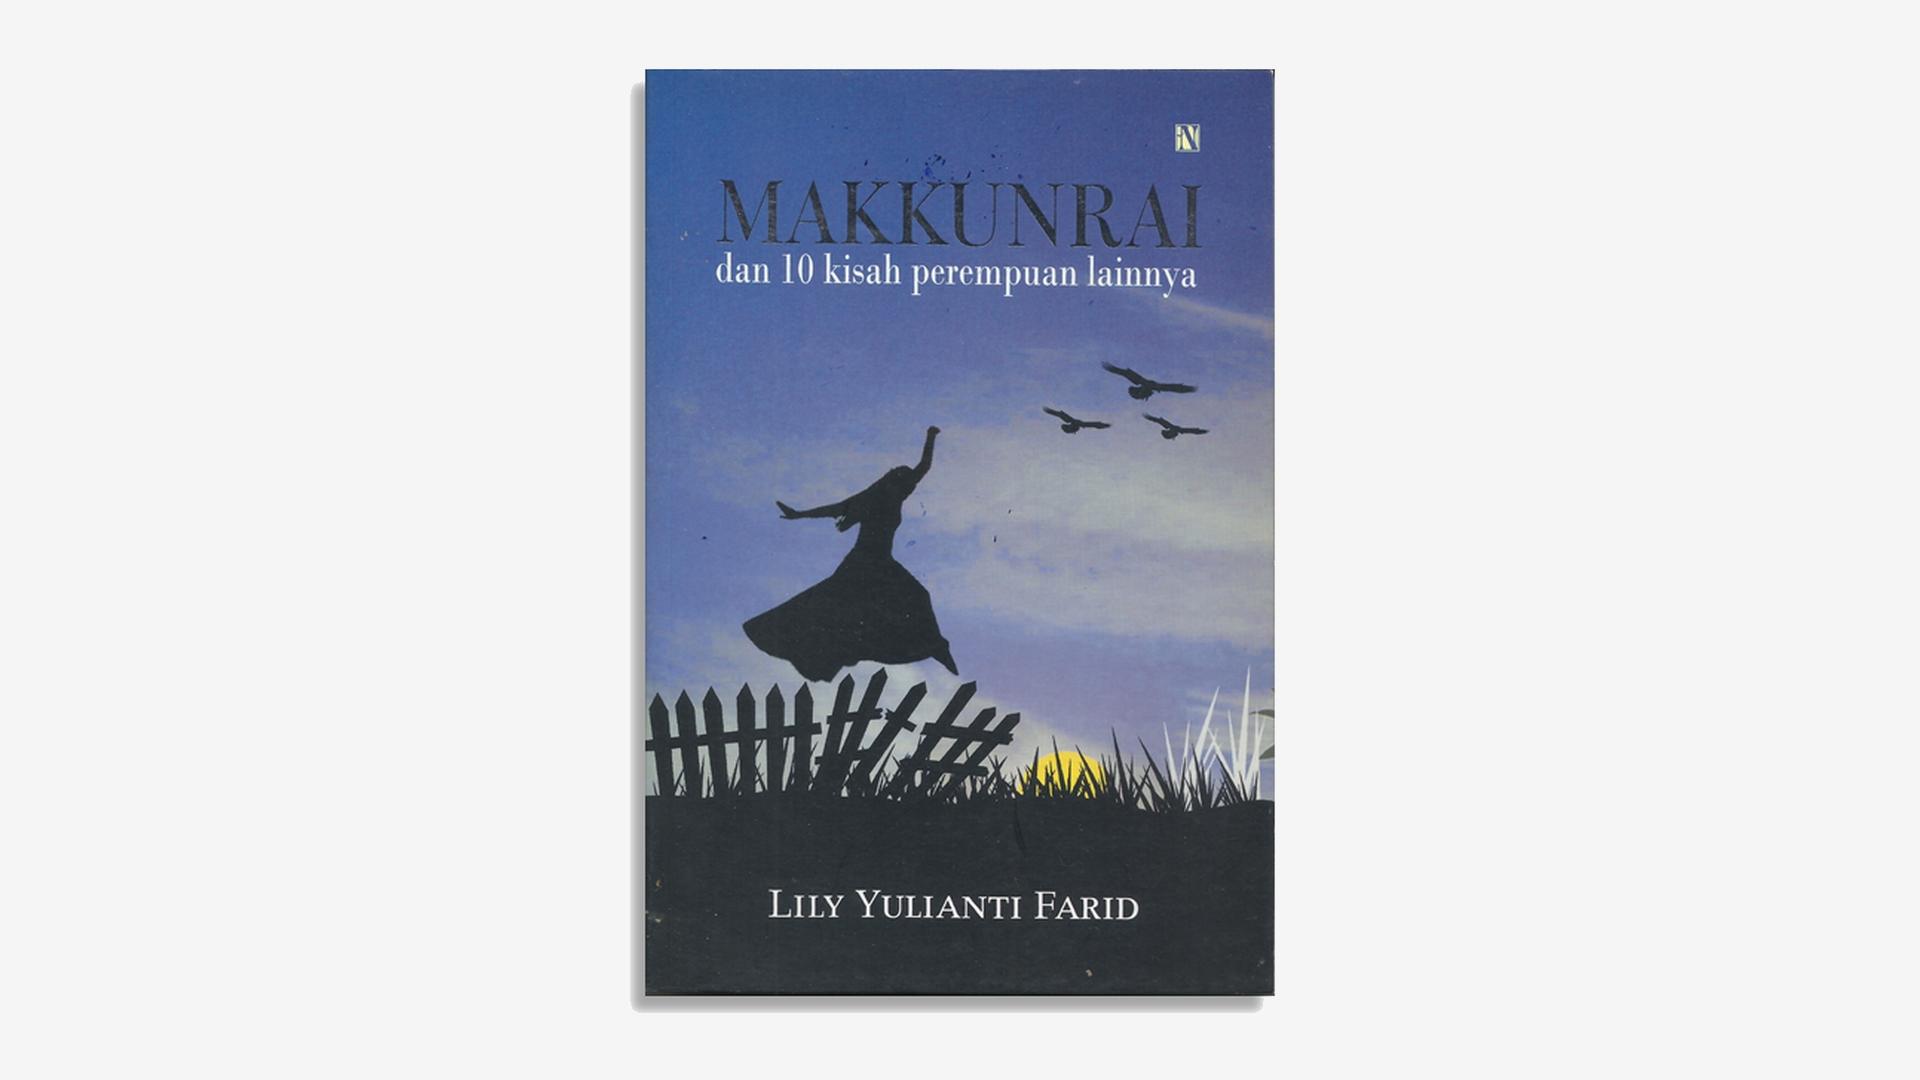 Lily Yulianti Farid – Makkunrai